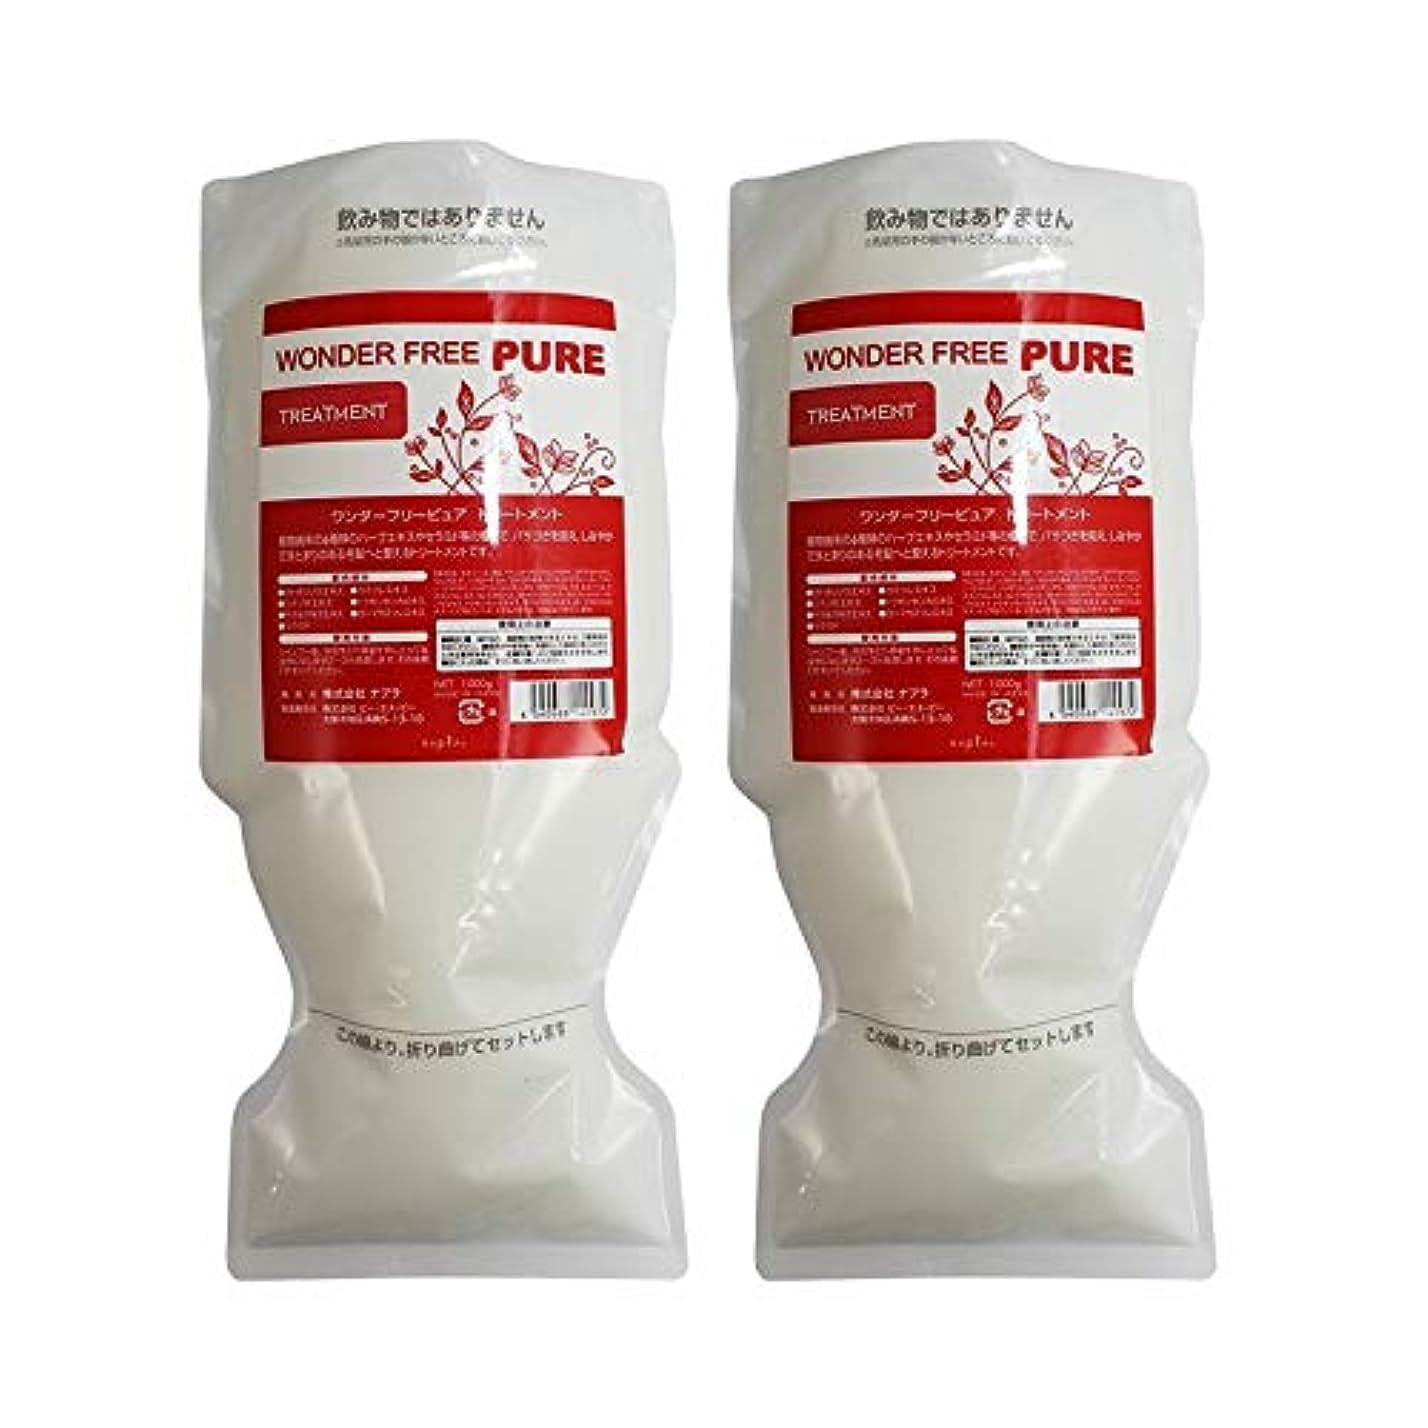 スロットグラス小麦【X2個セット】 ナプラ ワンダーフリーピュア トリートメント 1000g リフィル